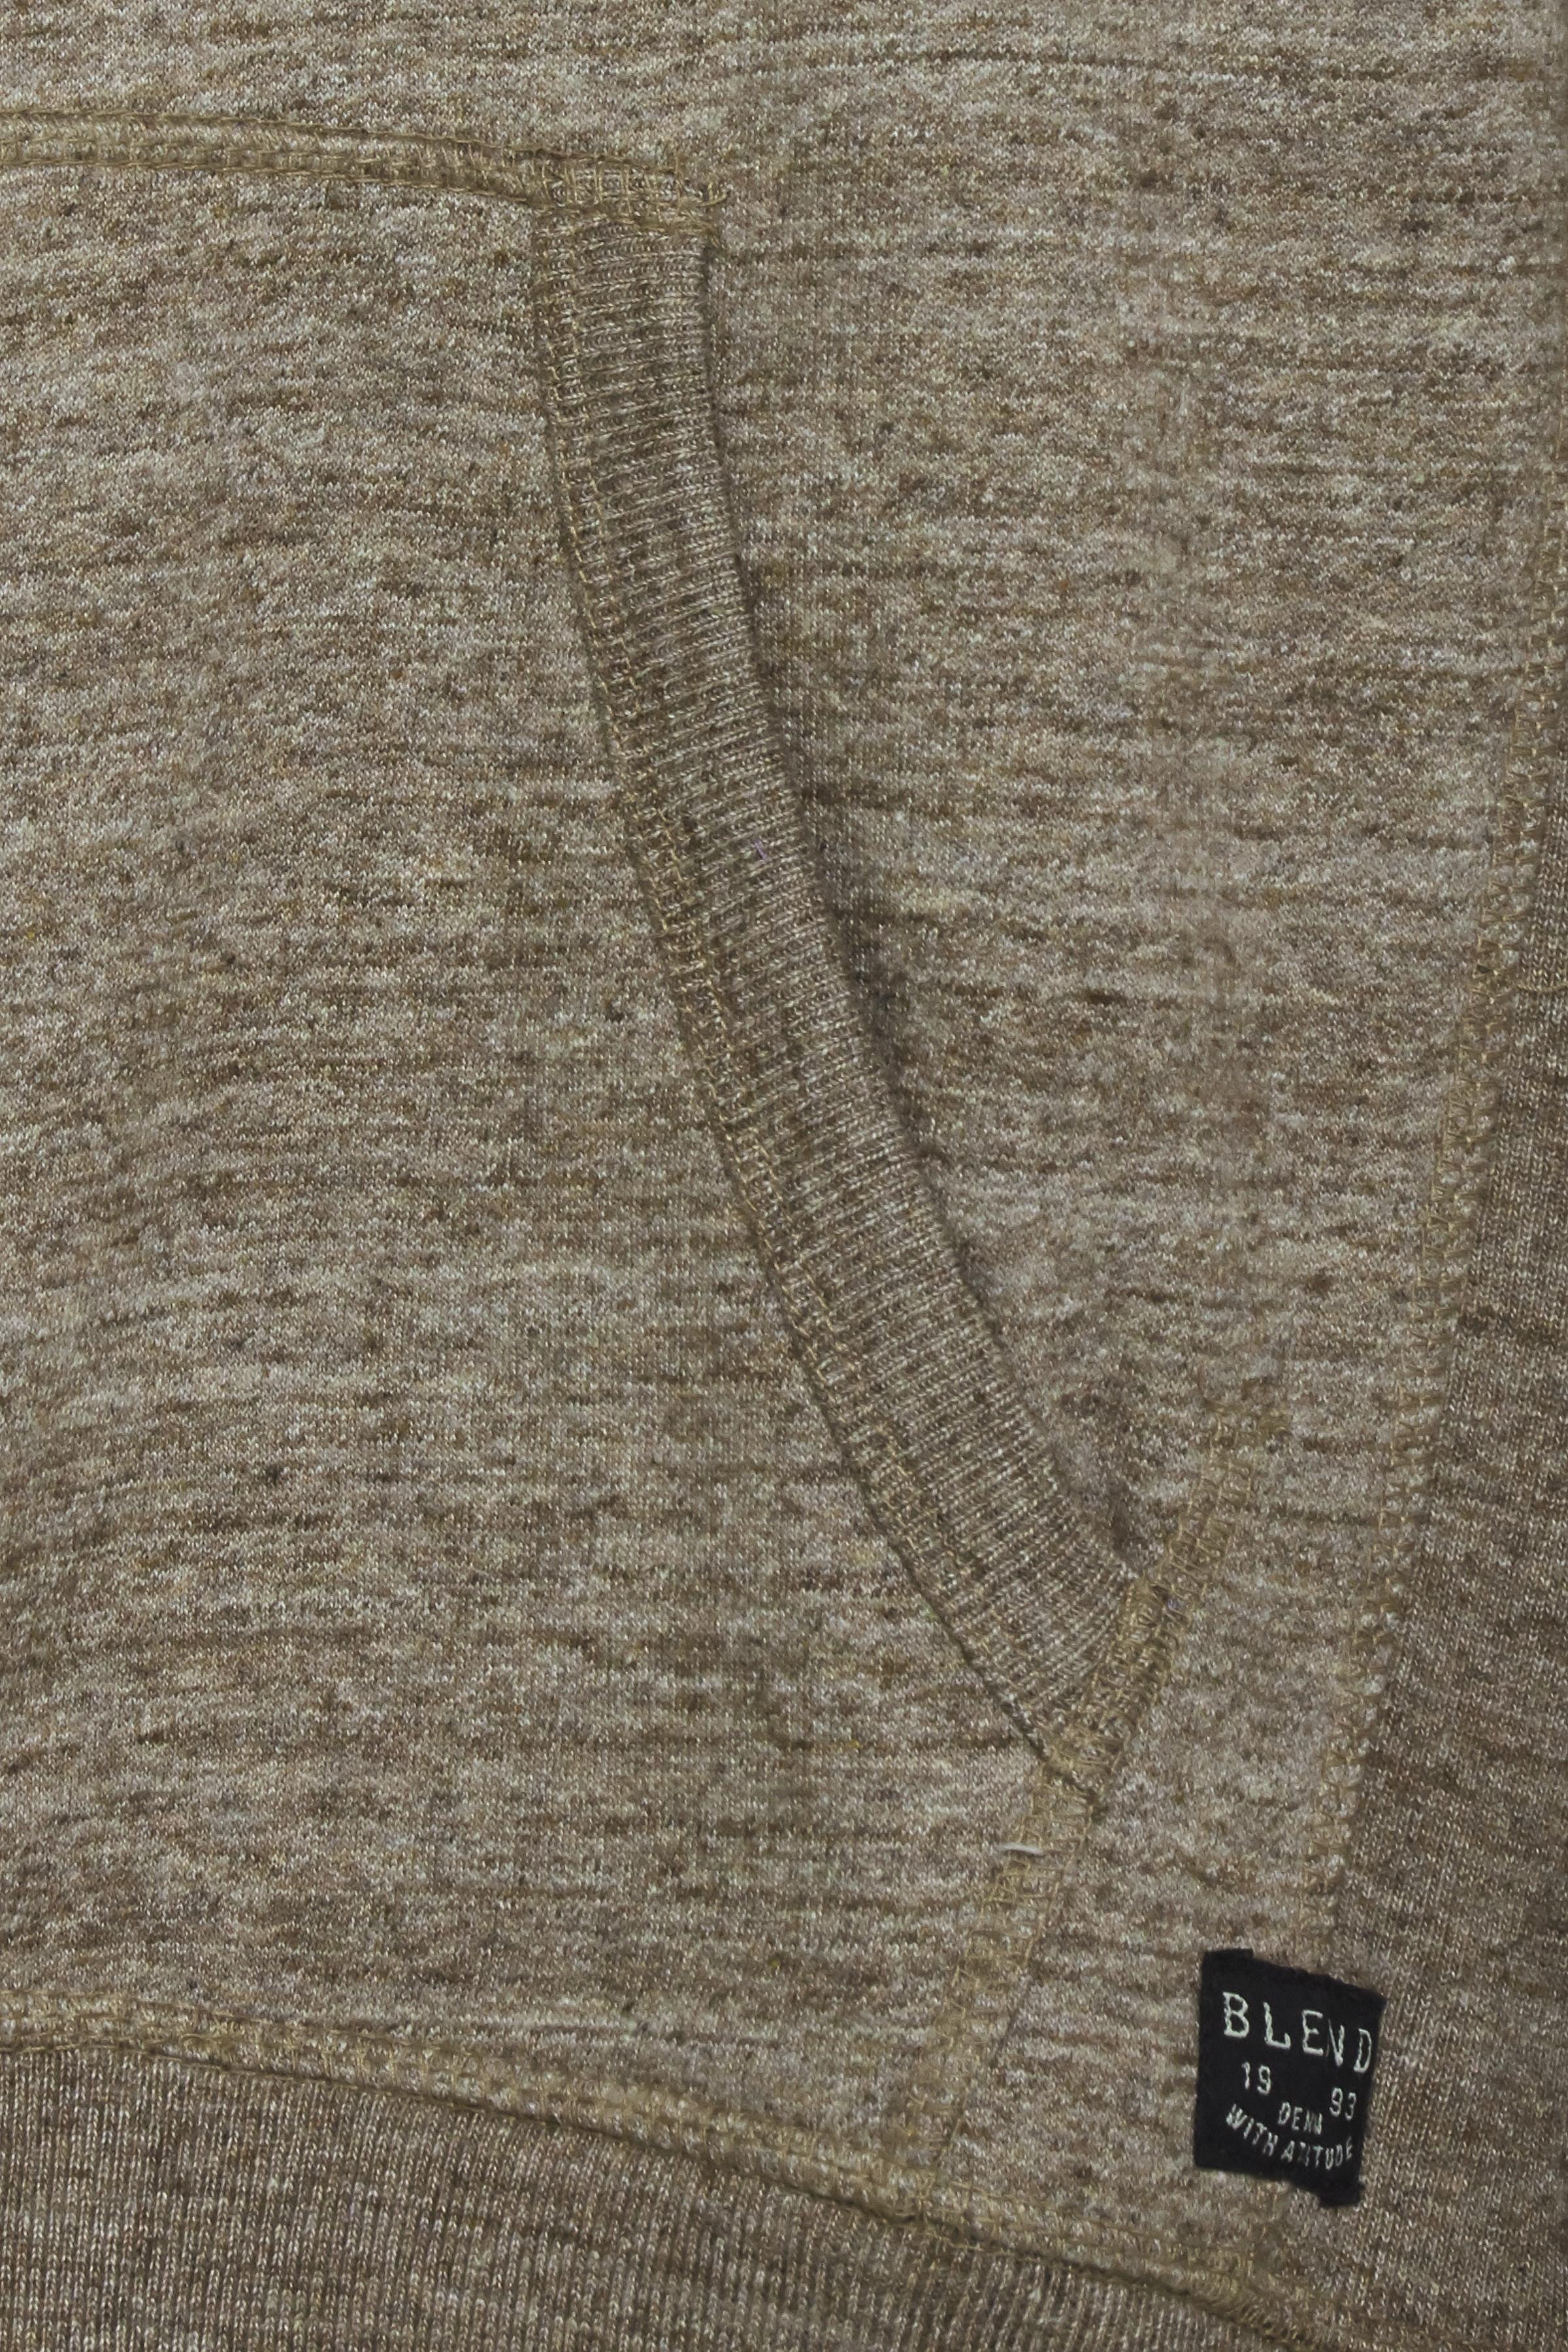 Mørkegrøn Hættetrøje med lynlås fra Blend He – Køb Mørkegrøn Hættetrøje med lynlås fra str. S-3XL her